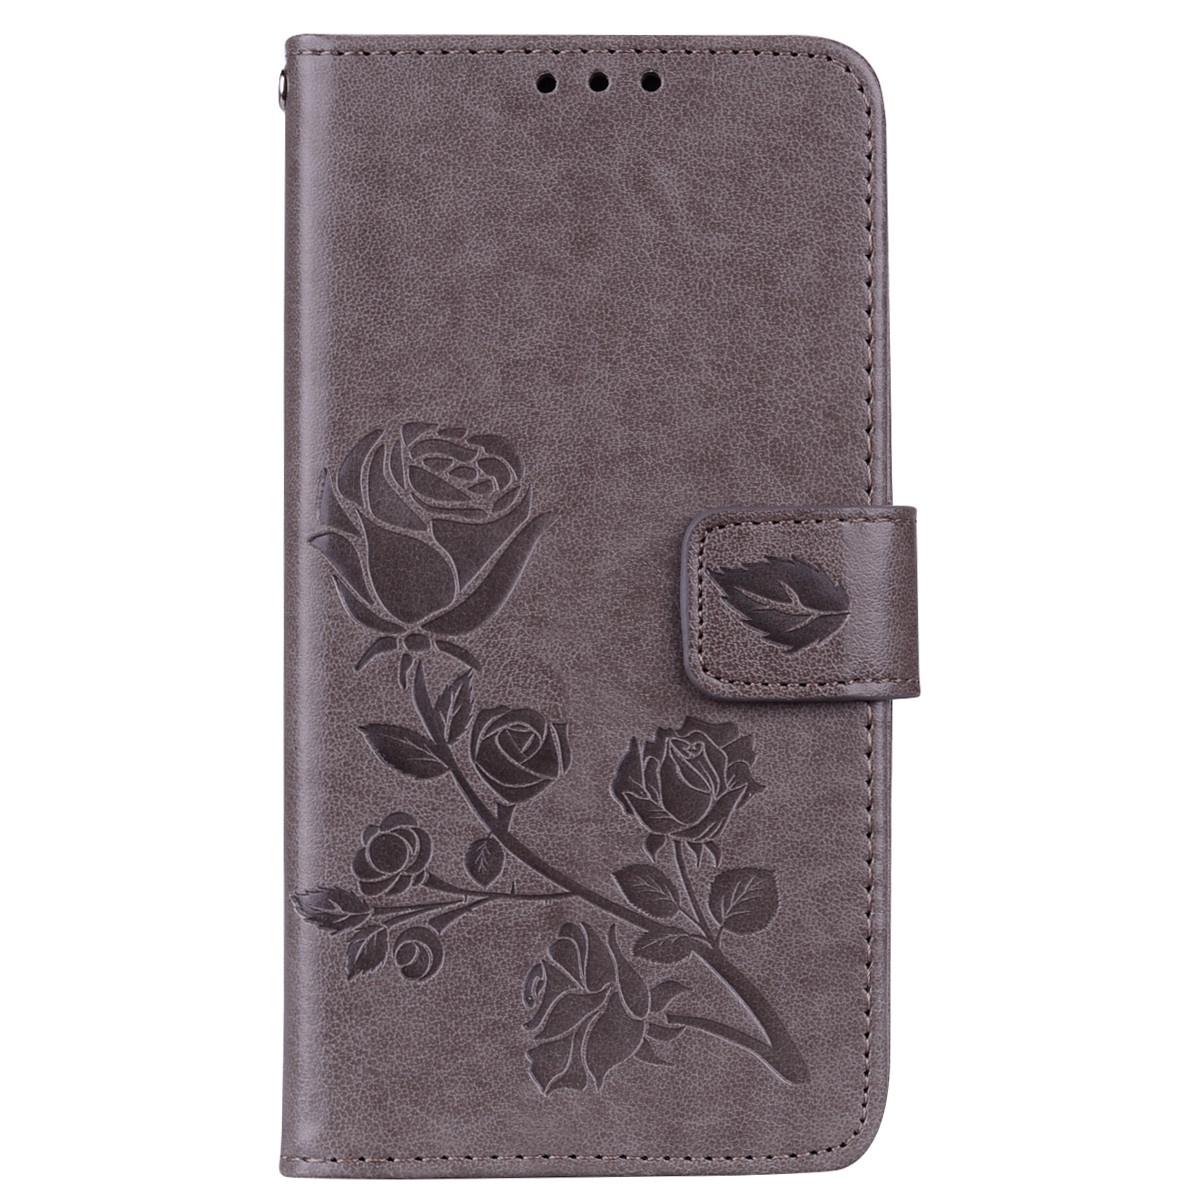 Кожаный чехол-подставка с магнитной застежкой, принтом (цветы) и отделениями для карт для Xiaomi Redmi 5A